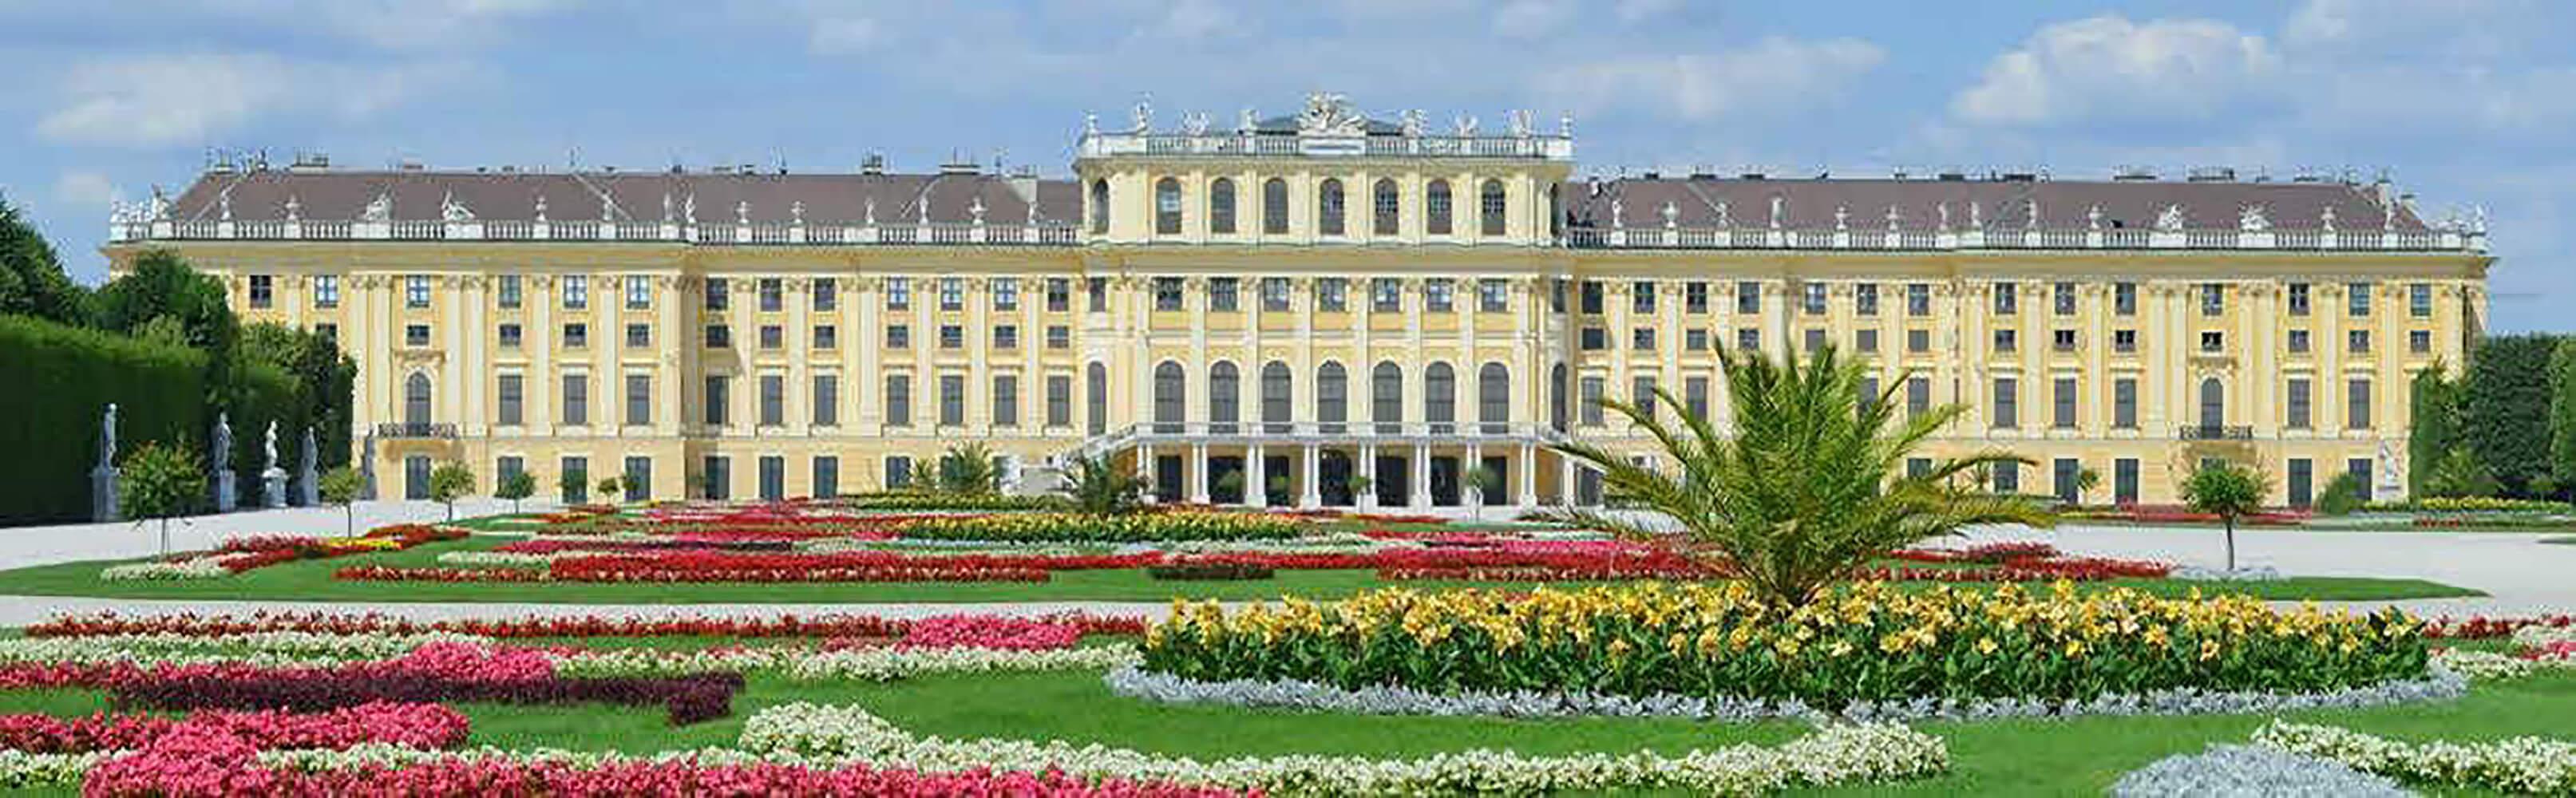 Schloss und Schlosspark Schönbrunn in Wien 1